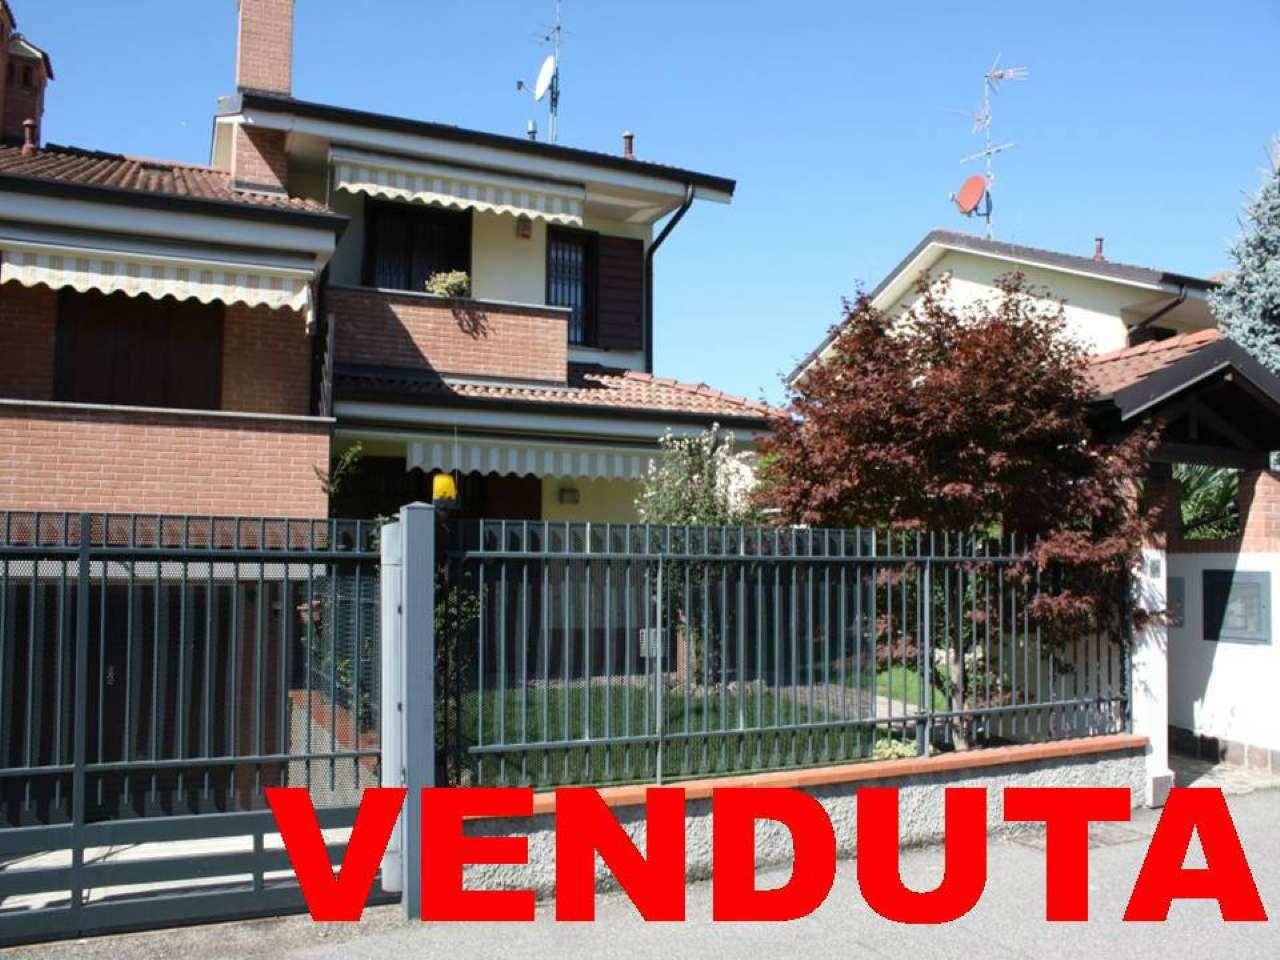 Villa in Vendita a Vimodrone: 5 locali, 250 mq